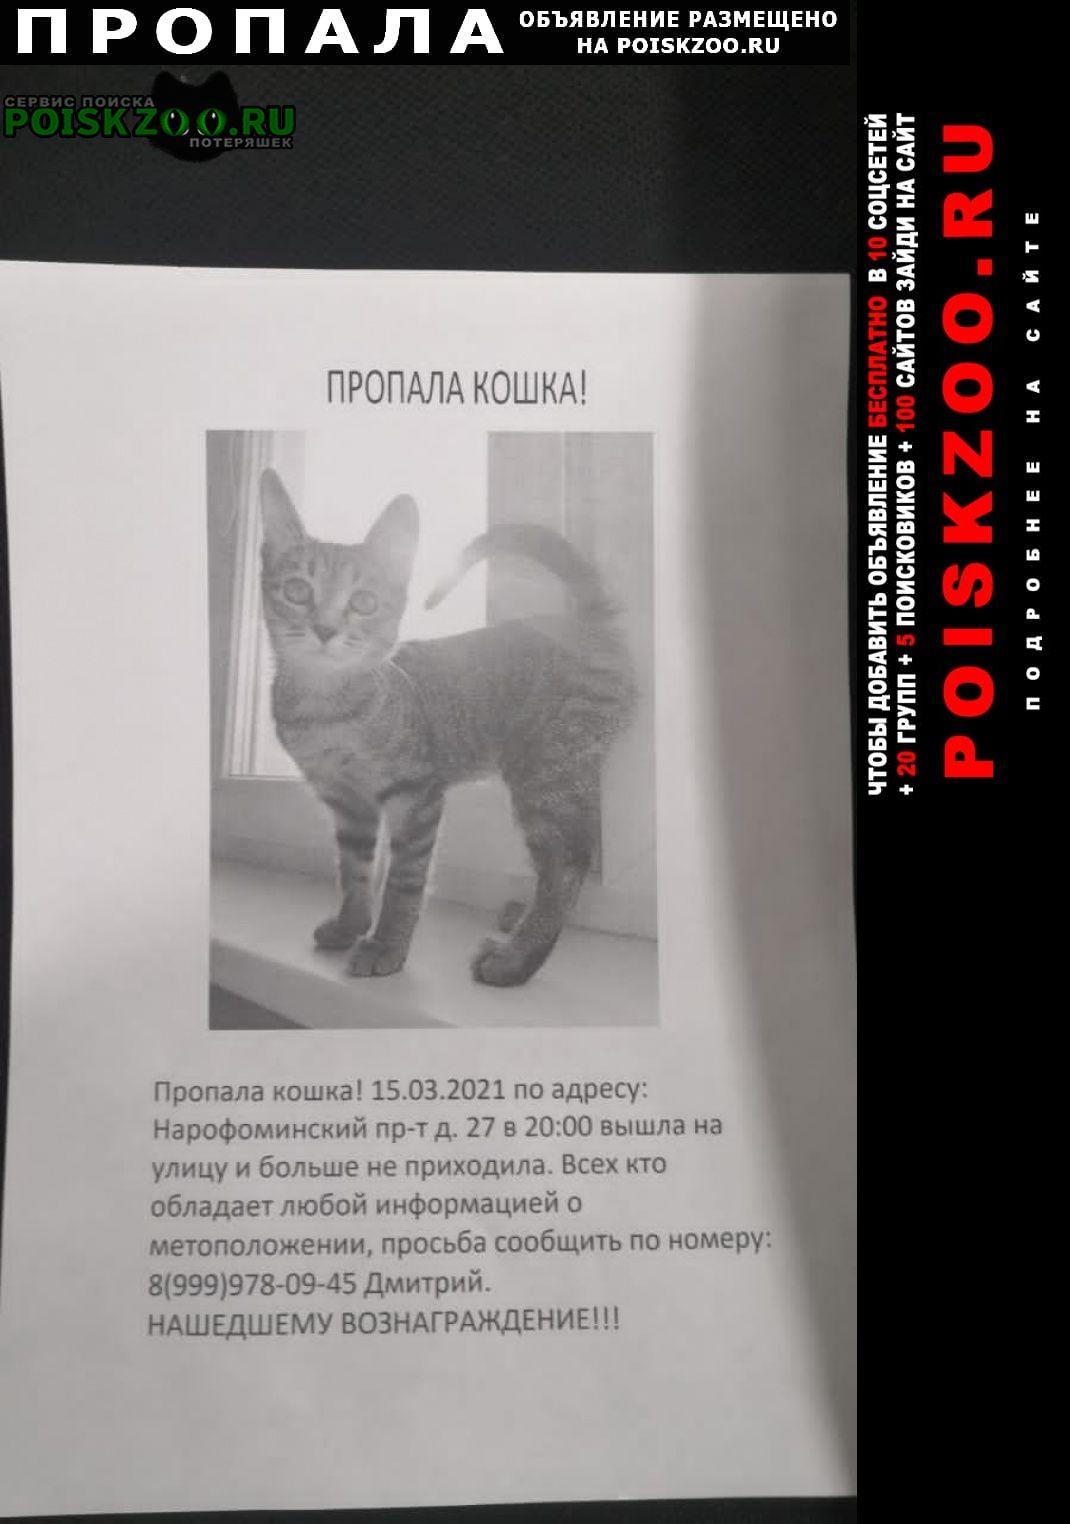 Пропала кошка Голицыно (Московская обл.)